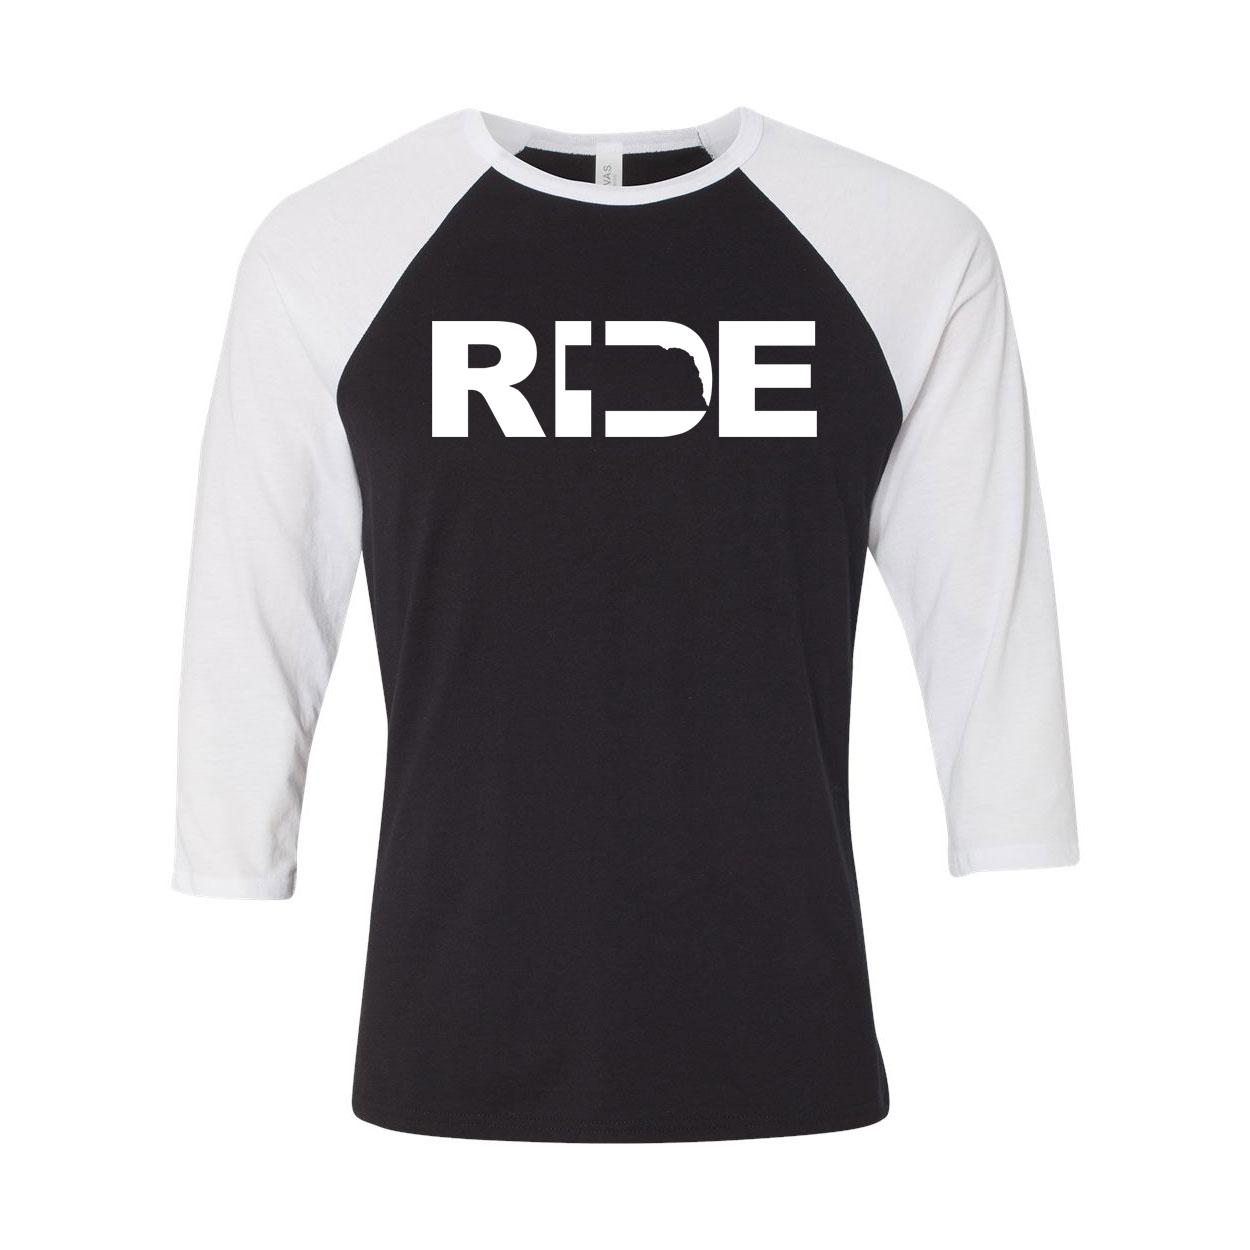 Ride Nebraska Classic Raglan Shirt Black/White (White Logo)